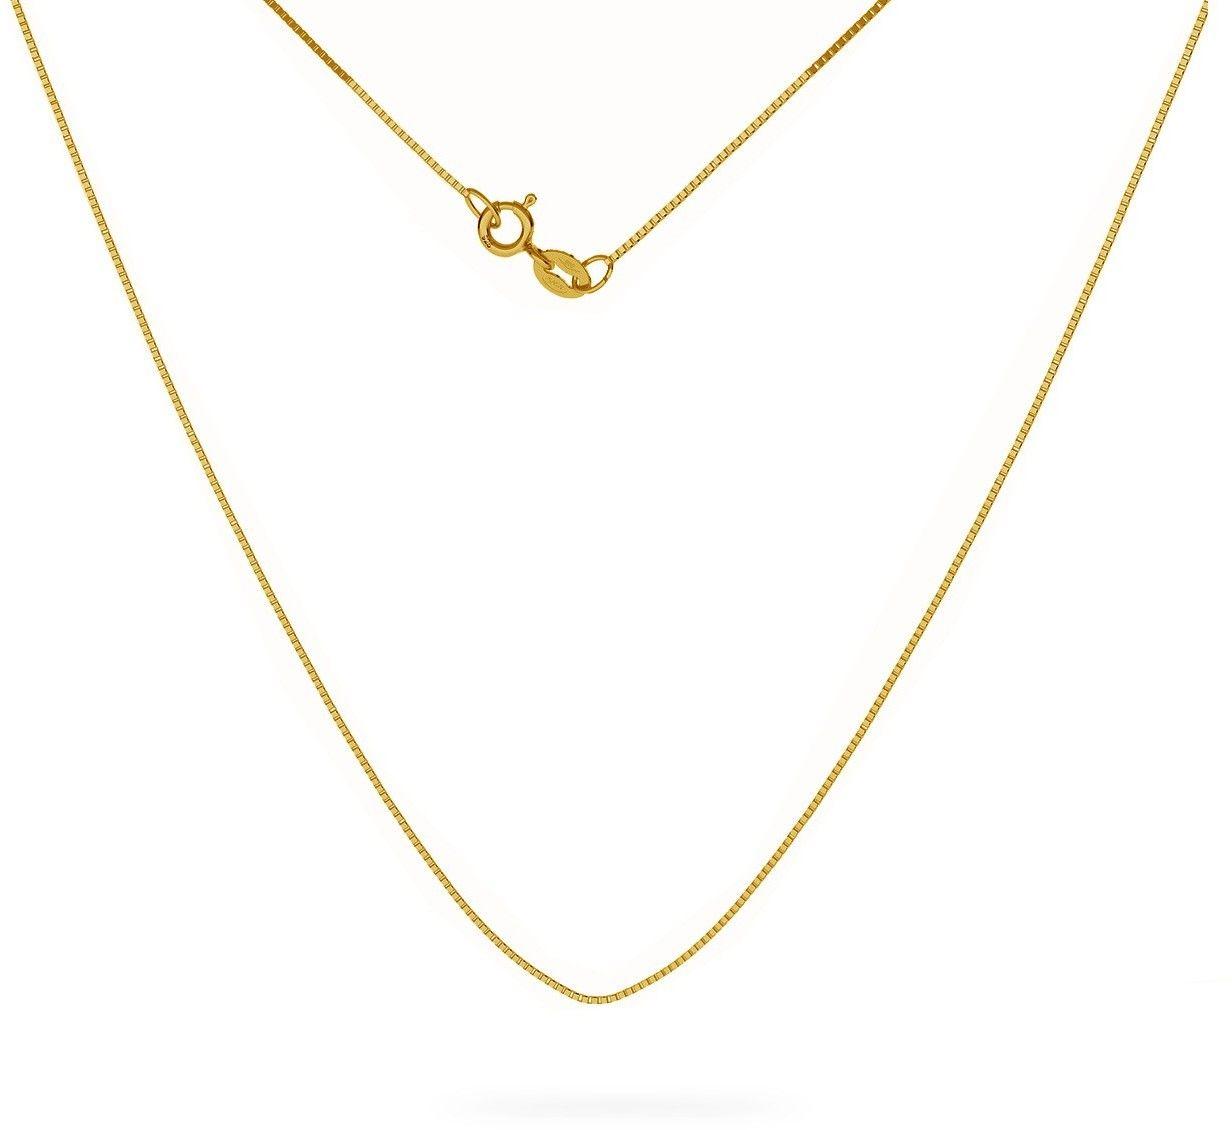 Srebrny łańcuszek kostka diamentowana, srebro 925 : Długość (cm) - 45, Srebro - kolor pokrycia - Pokrycie żółtym 18K złotem